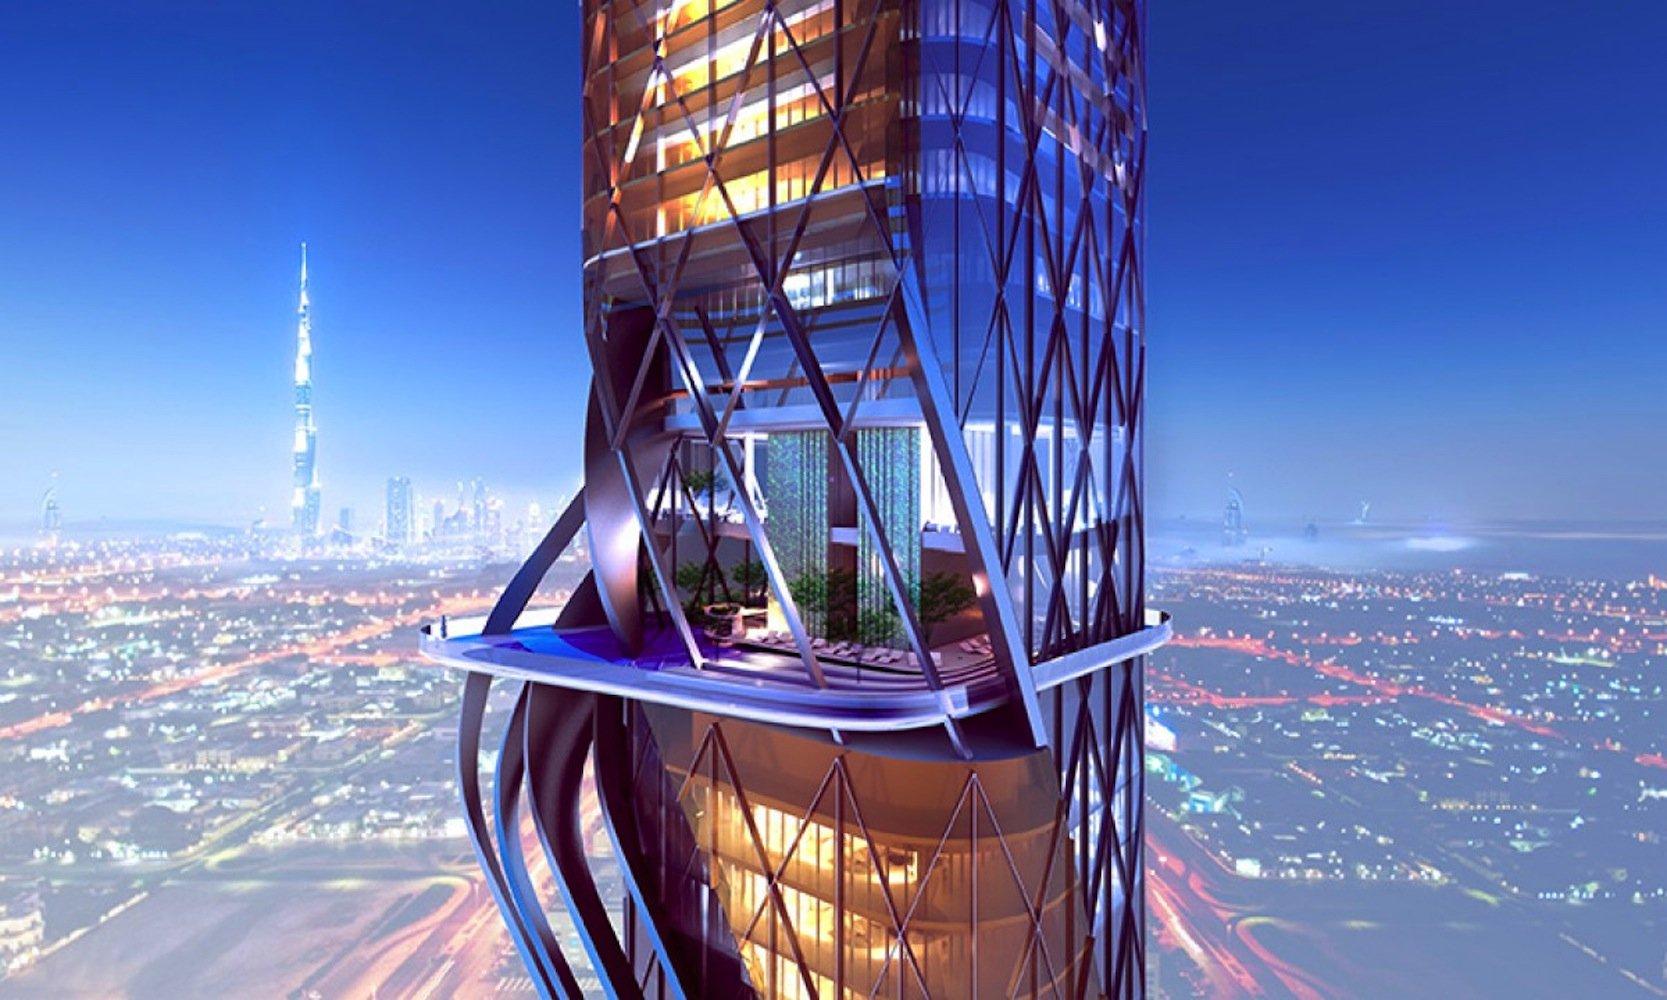 280 Luxus-Appartements mit unglaublicher Aussicht wird einer der beidenRosemont Tower aufnehmen. Im zweiten Turm wird Hilton ein Luxushotel einrichten.